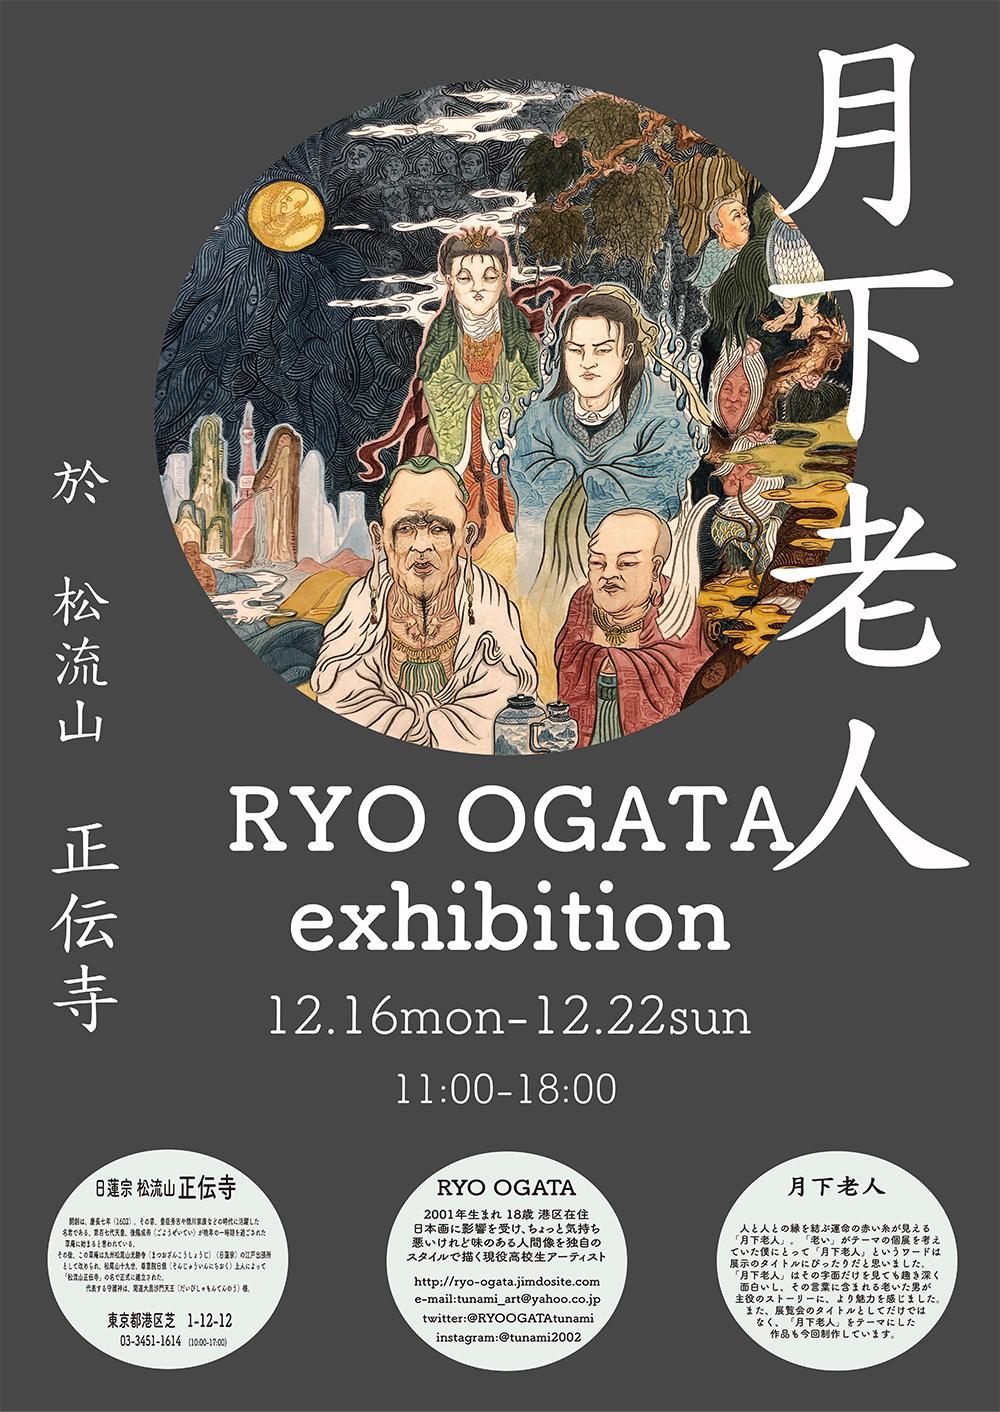 ストリートなイベント【東京】RYO OGATA exhibition 『月下老人』 おじさんを描く高校生RYO OGATAの「老い」をテーマにした個展!